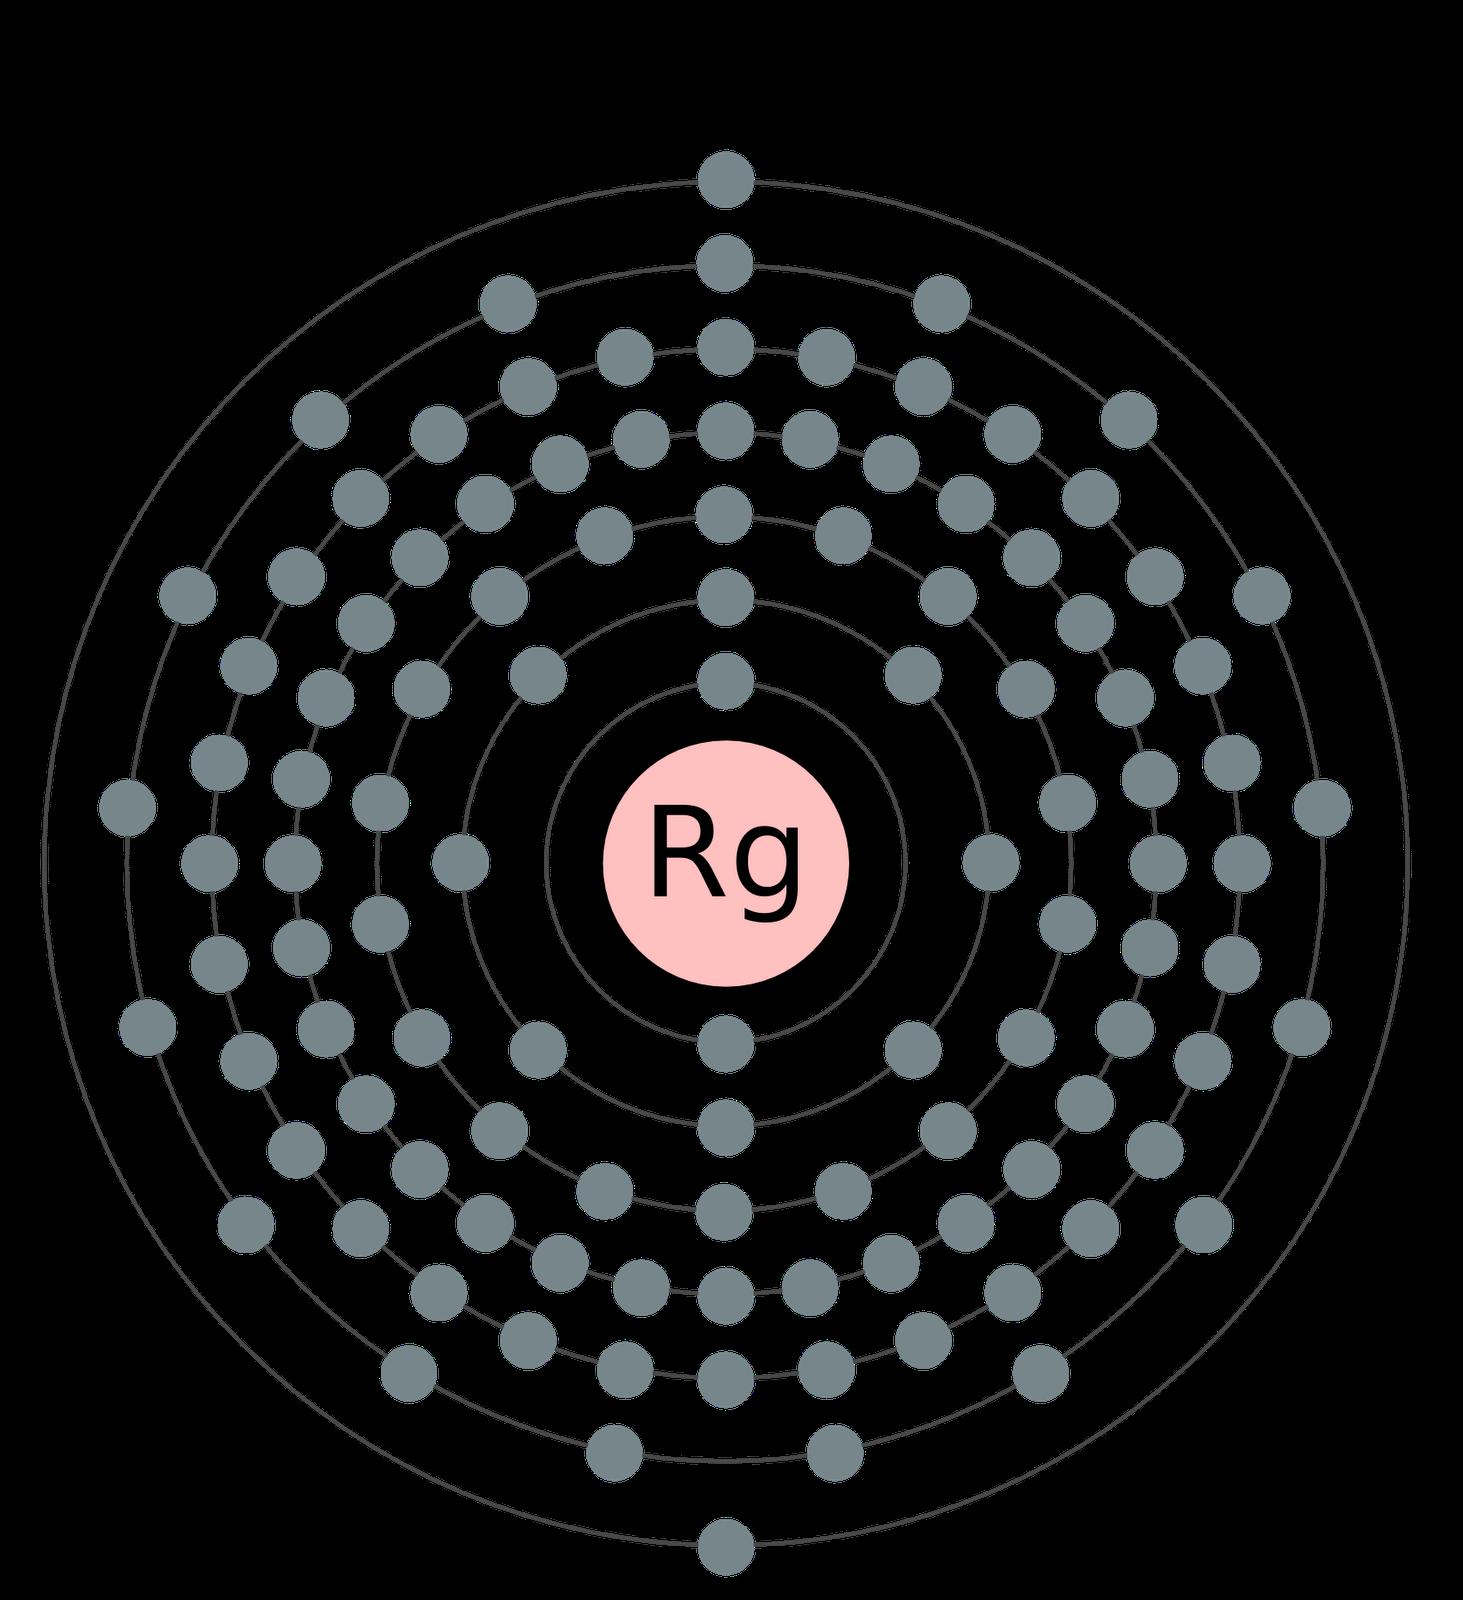 Ciencia no ficcin nuevos elementos en la tabla peridica si y por ltimo el copernicium copernico antiguamente llamado ununbio es un elemento artificial y altamente radiactivo con ms de 15 aos tambin y se cre urtaz Images